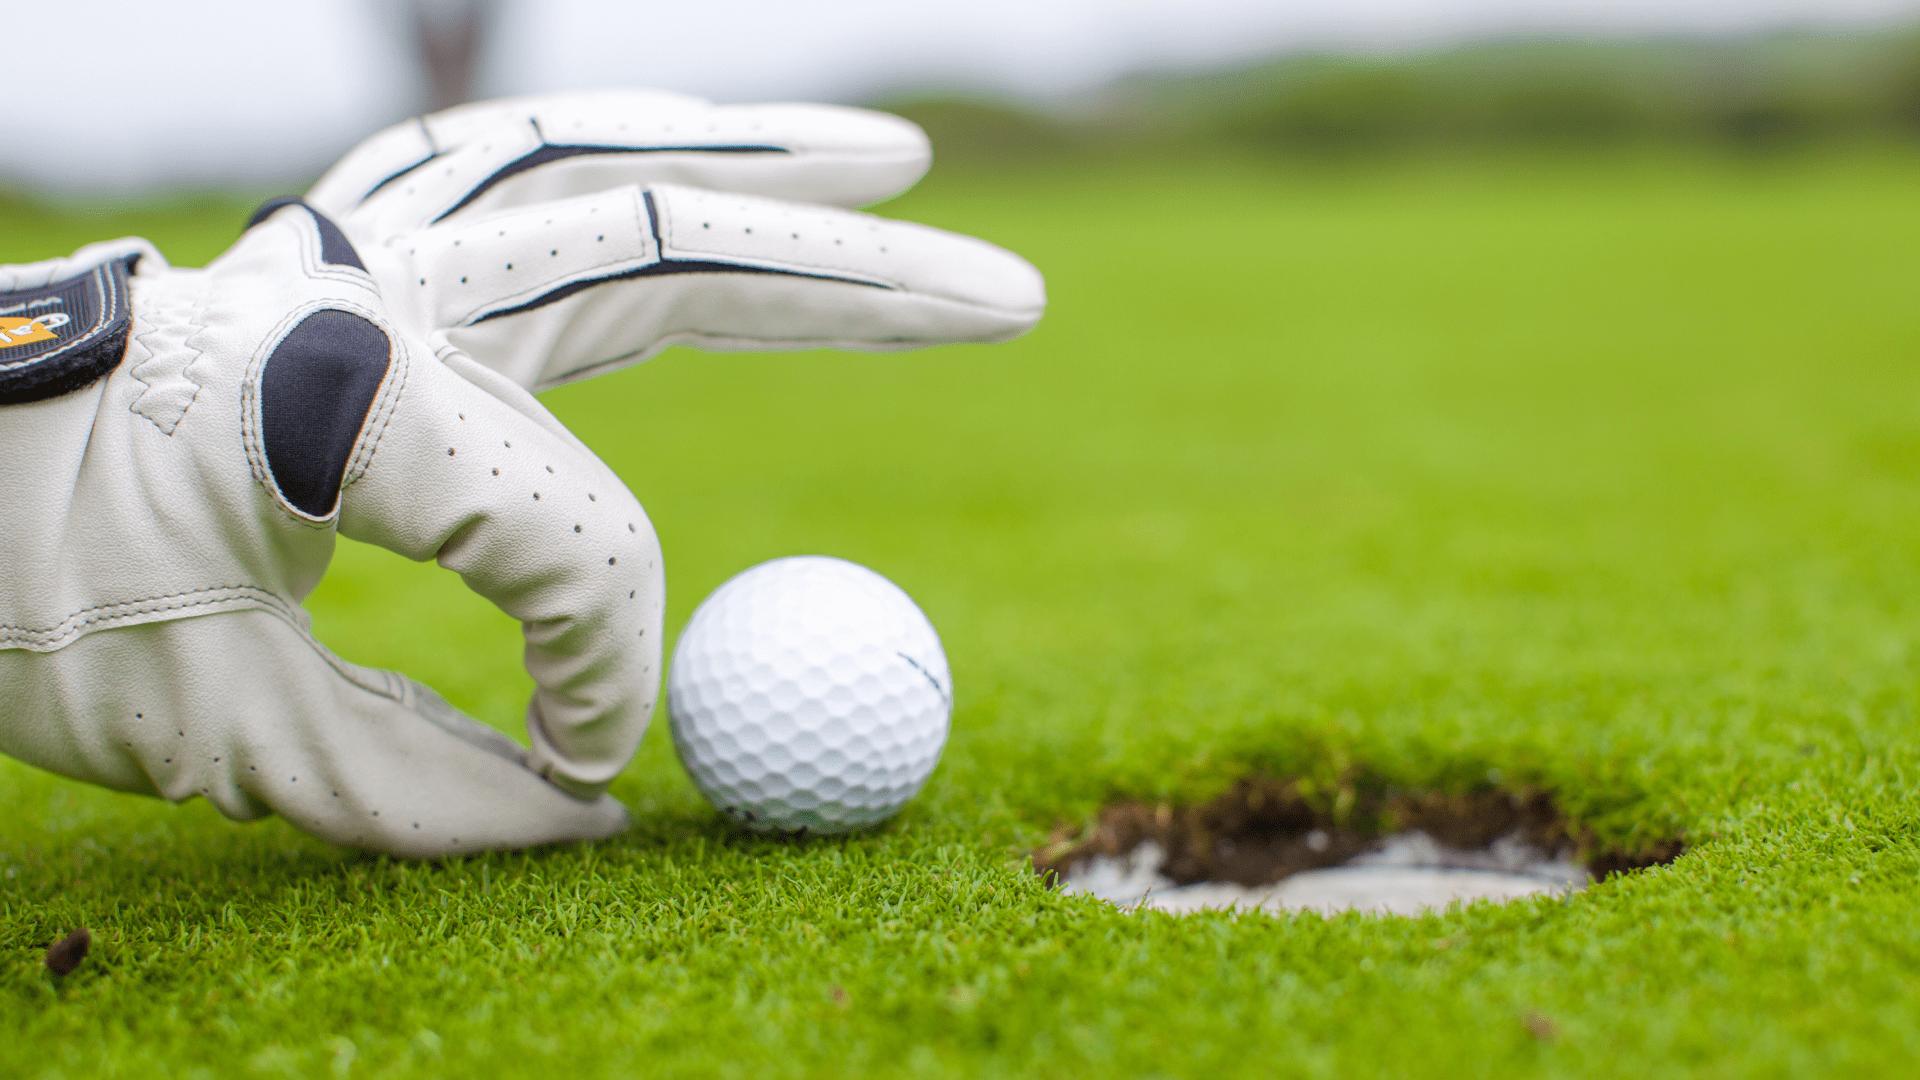 KPMG WOMEN'S PGA CHAMPIONSHIP, Tag 4